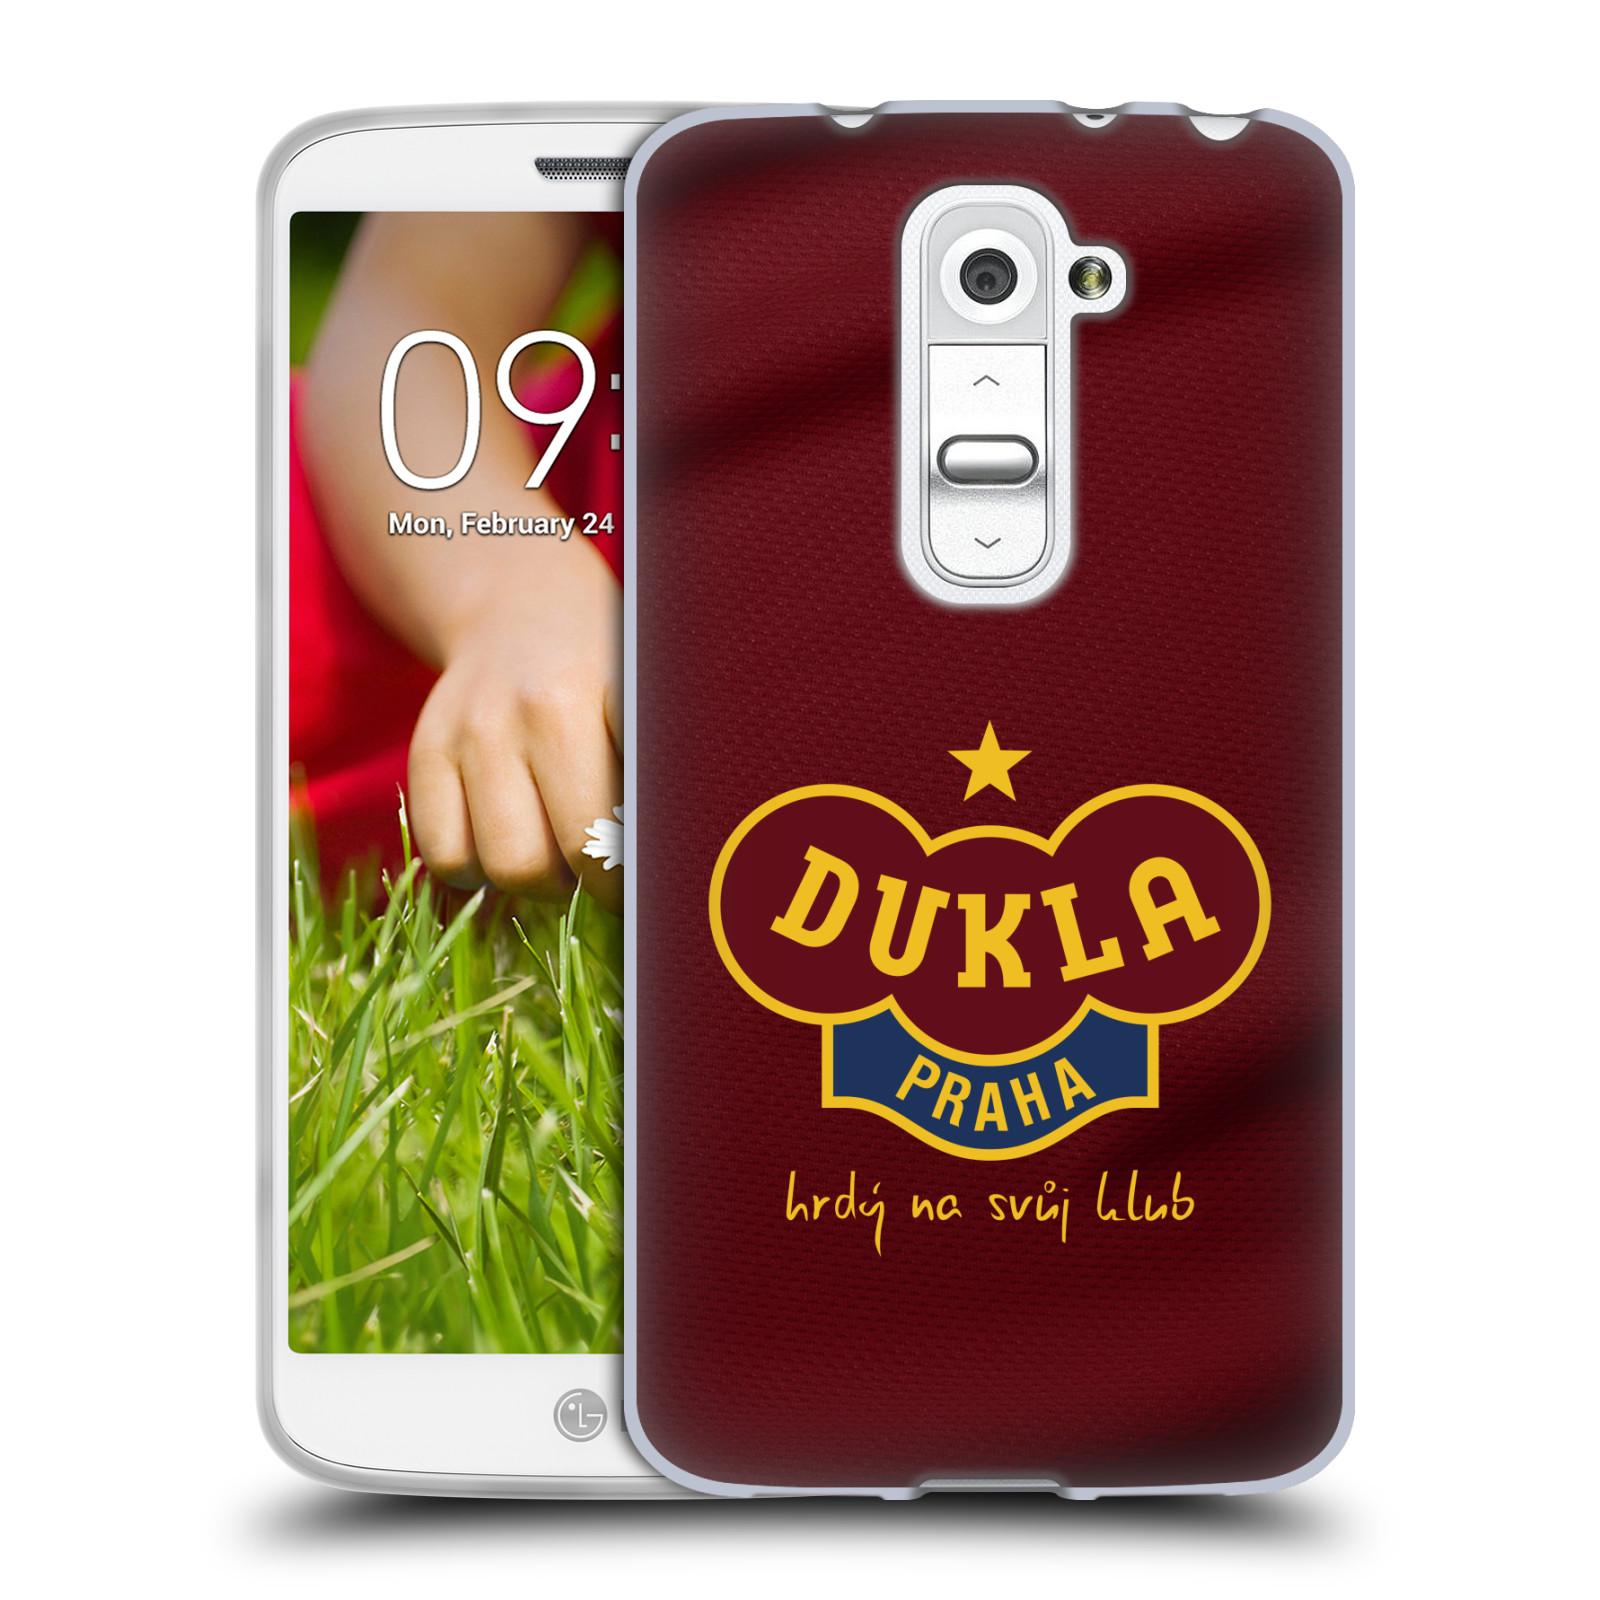 Silikonové pouzdro na mobil LG G2 Mini - FK Dukla Praha - Vínově červený dres (Silikonový kryt či obal na mobilní telefon s oficiálním motivem FK Dukla Praha - Vínově červený dres pro LG G2 Mini D620)